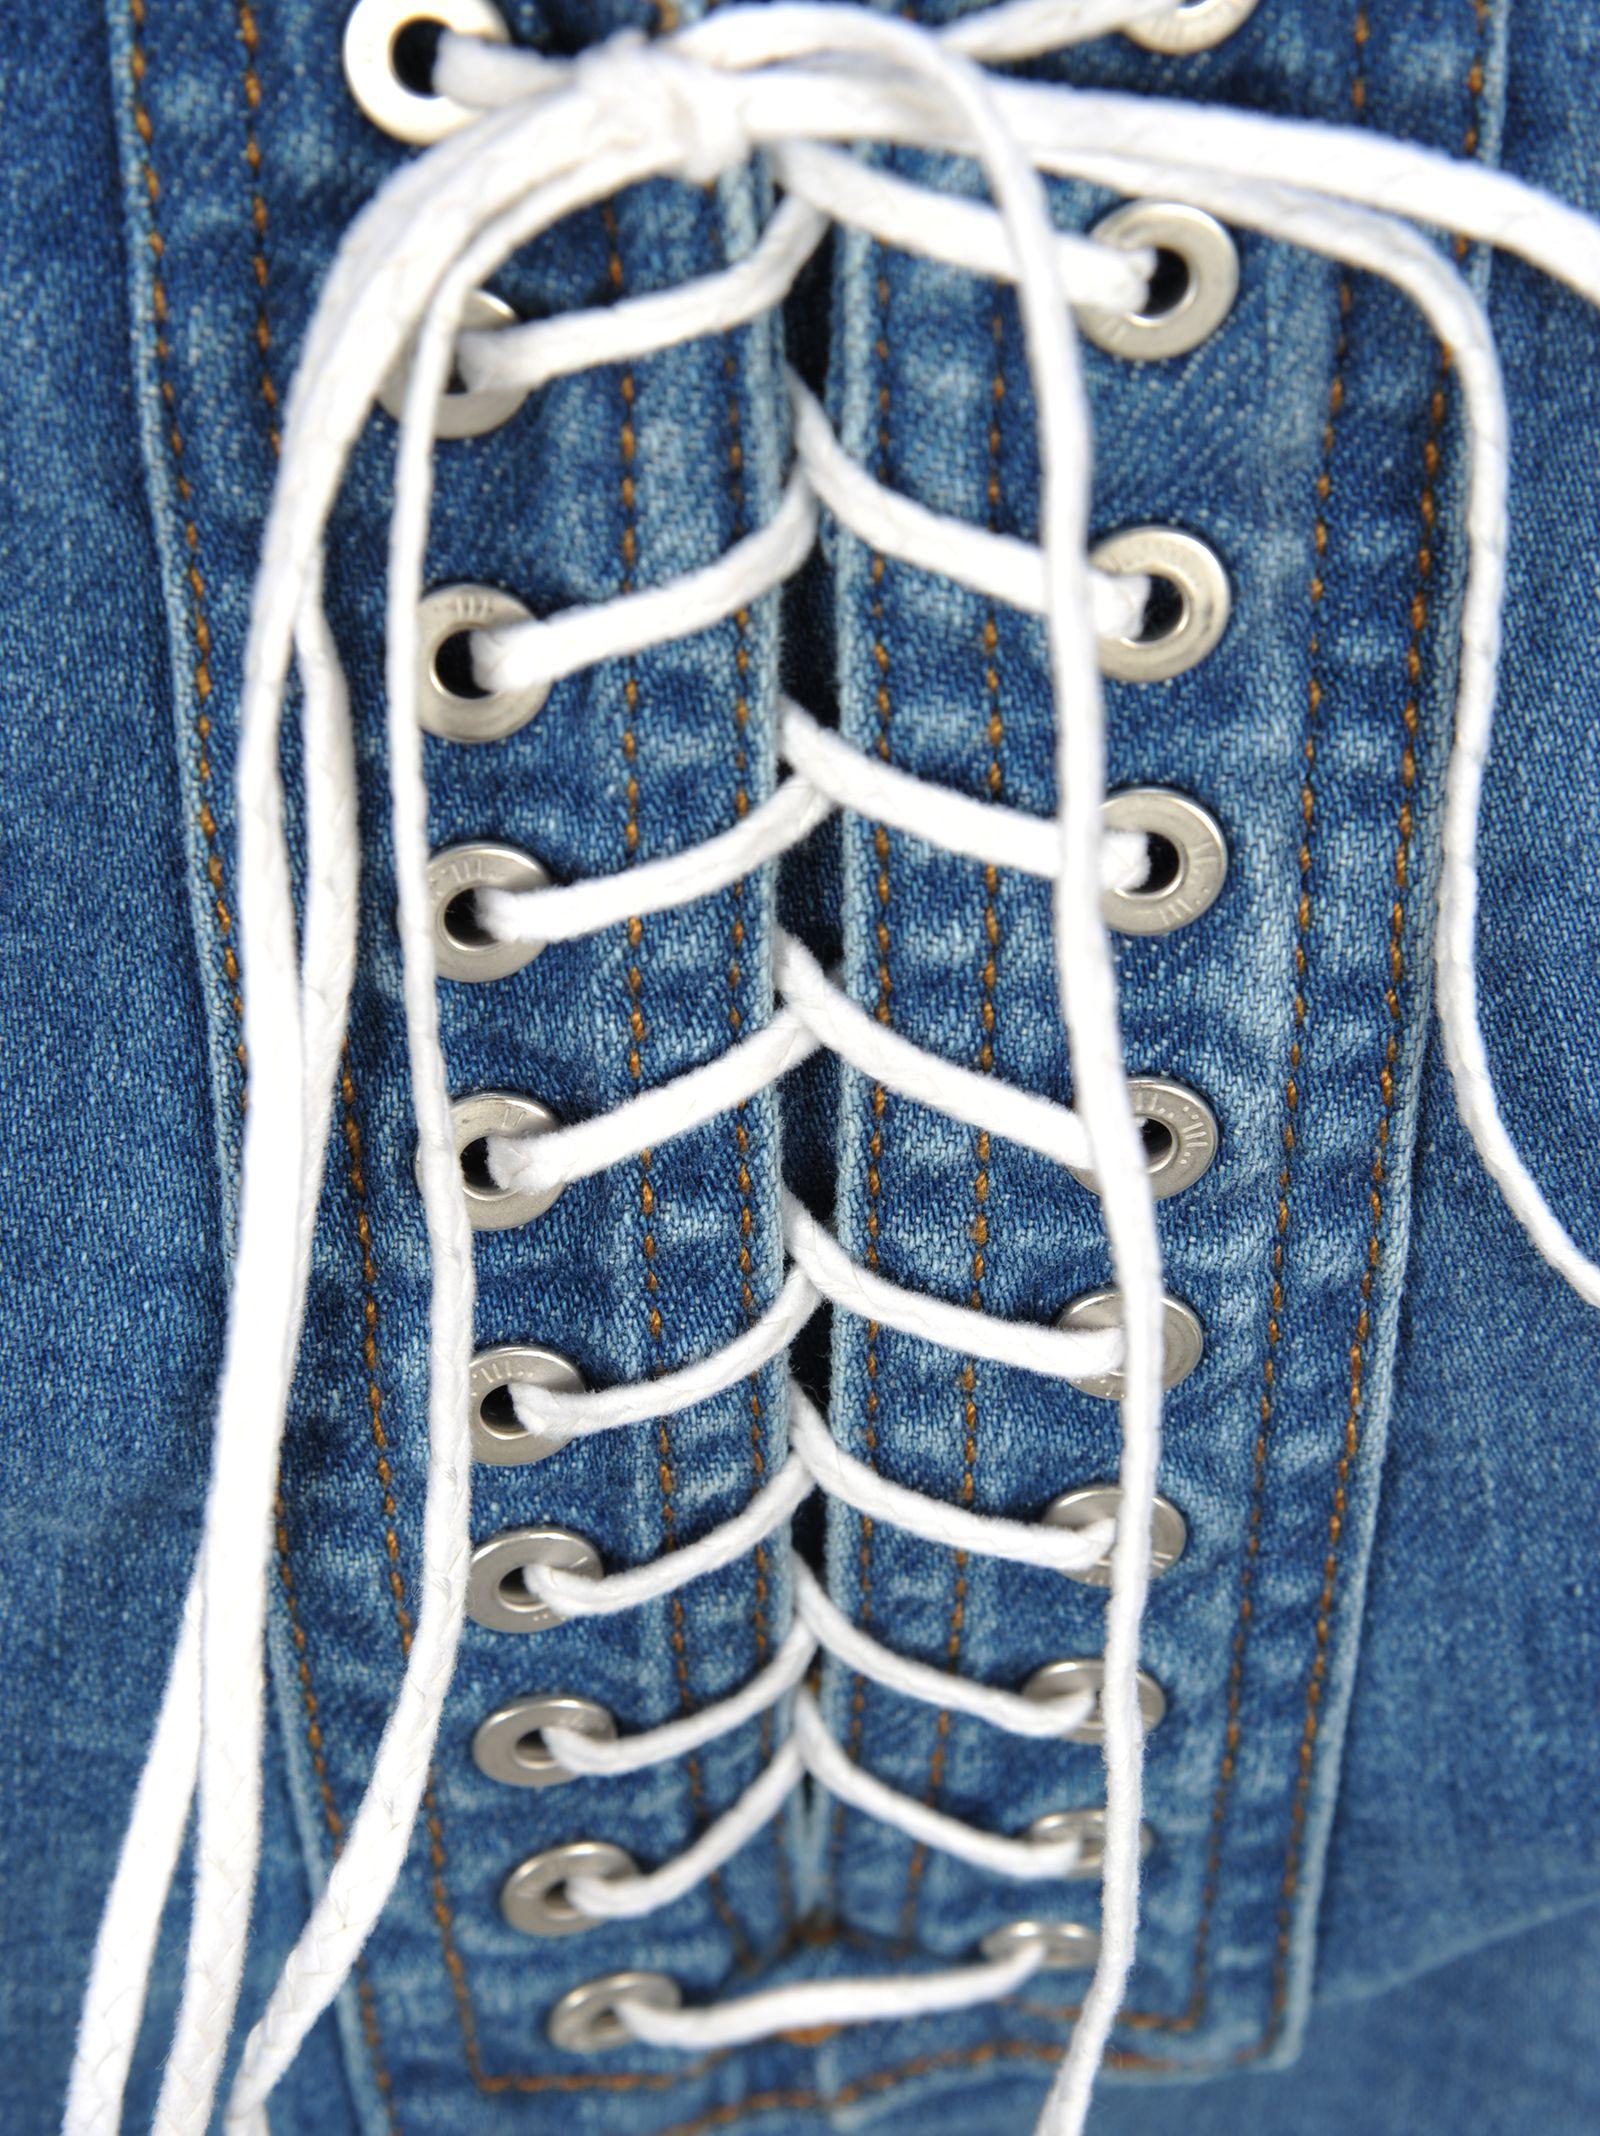 1e1f78c76a ... Ben Taverniti Unravel Project Unravel Unravel Project Lace-up Denim  Shorts - LIGHT BLUE